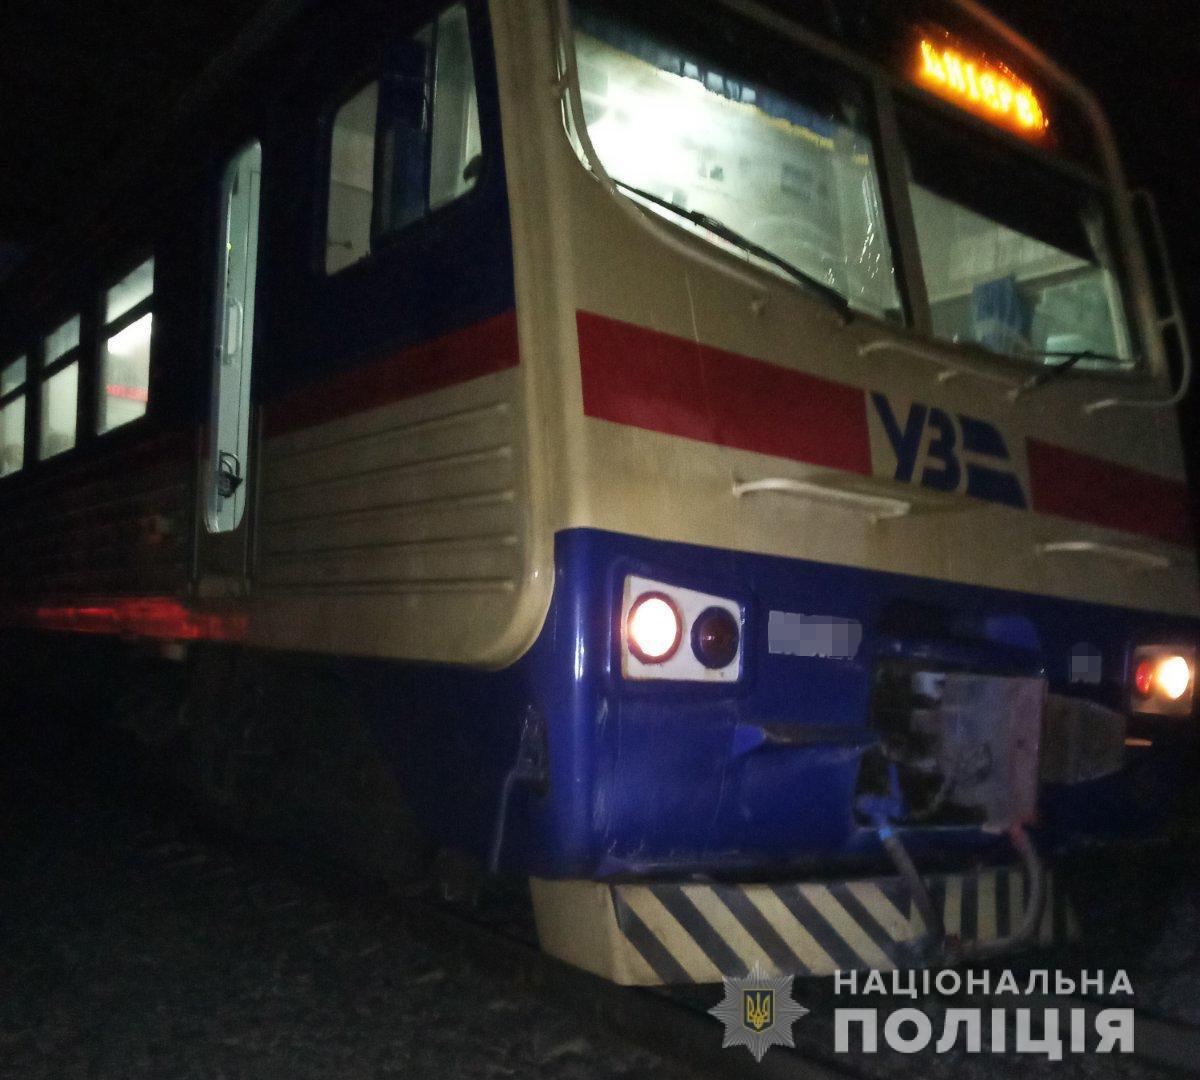 На Харьковщине женщина попала под колеса поезда: пострадавшая в тяжелом состоянии, - ФОТО, фото-1